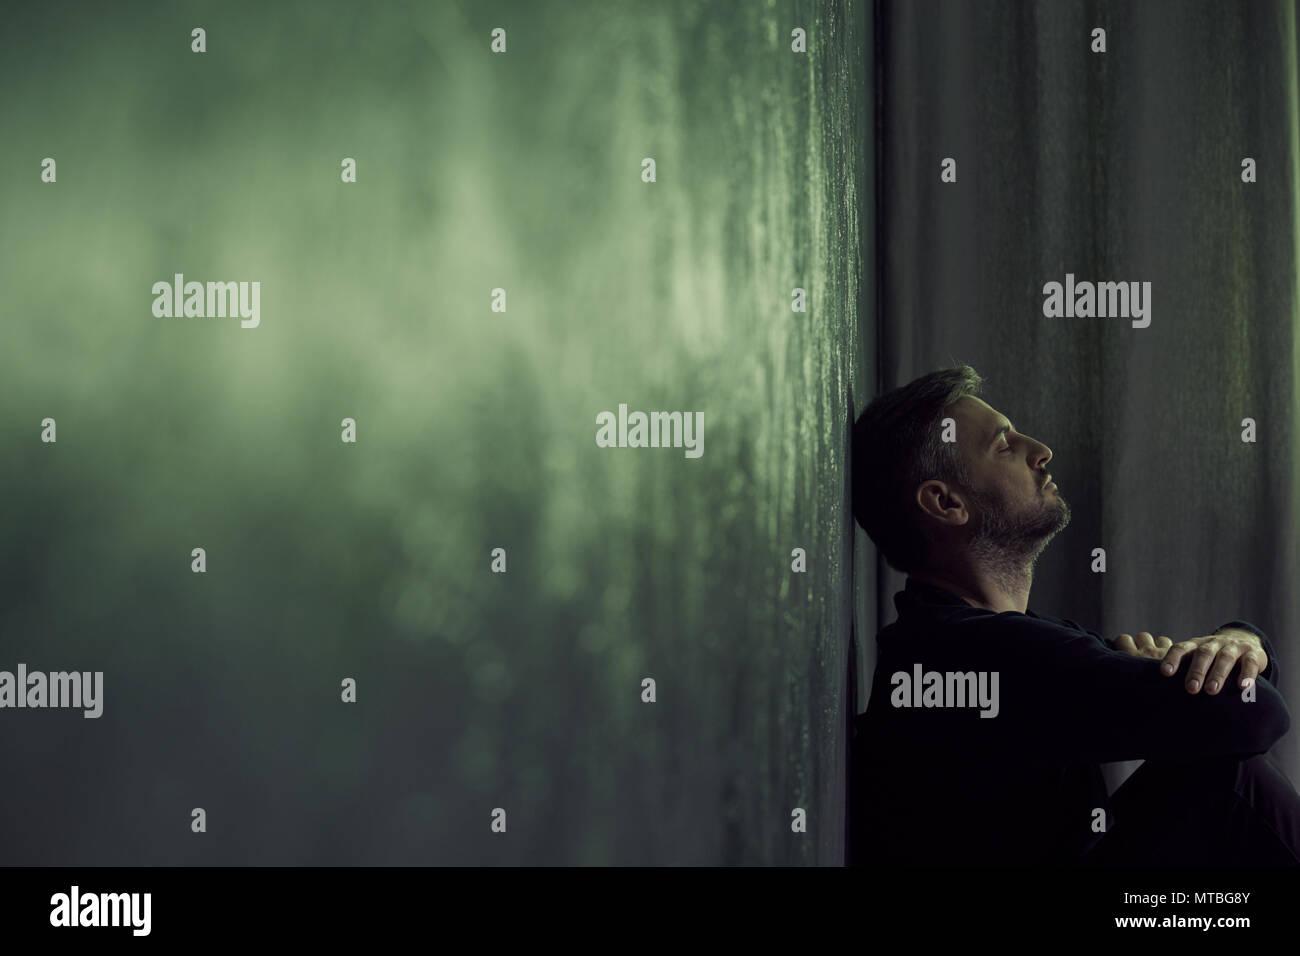 Pisado el hombre sentado solo en la habitación sombría Imagen De Stock